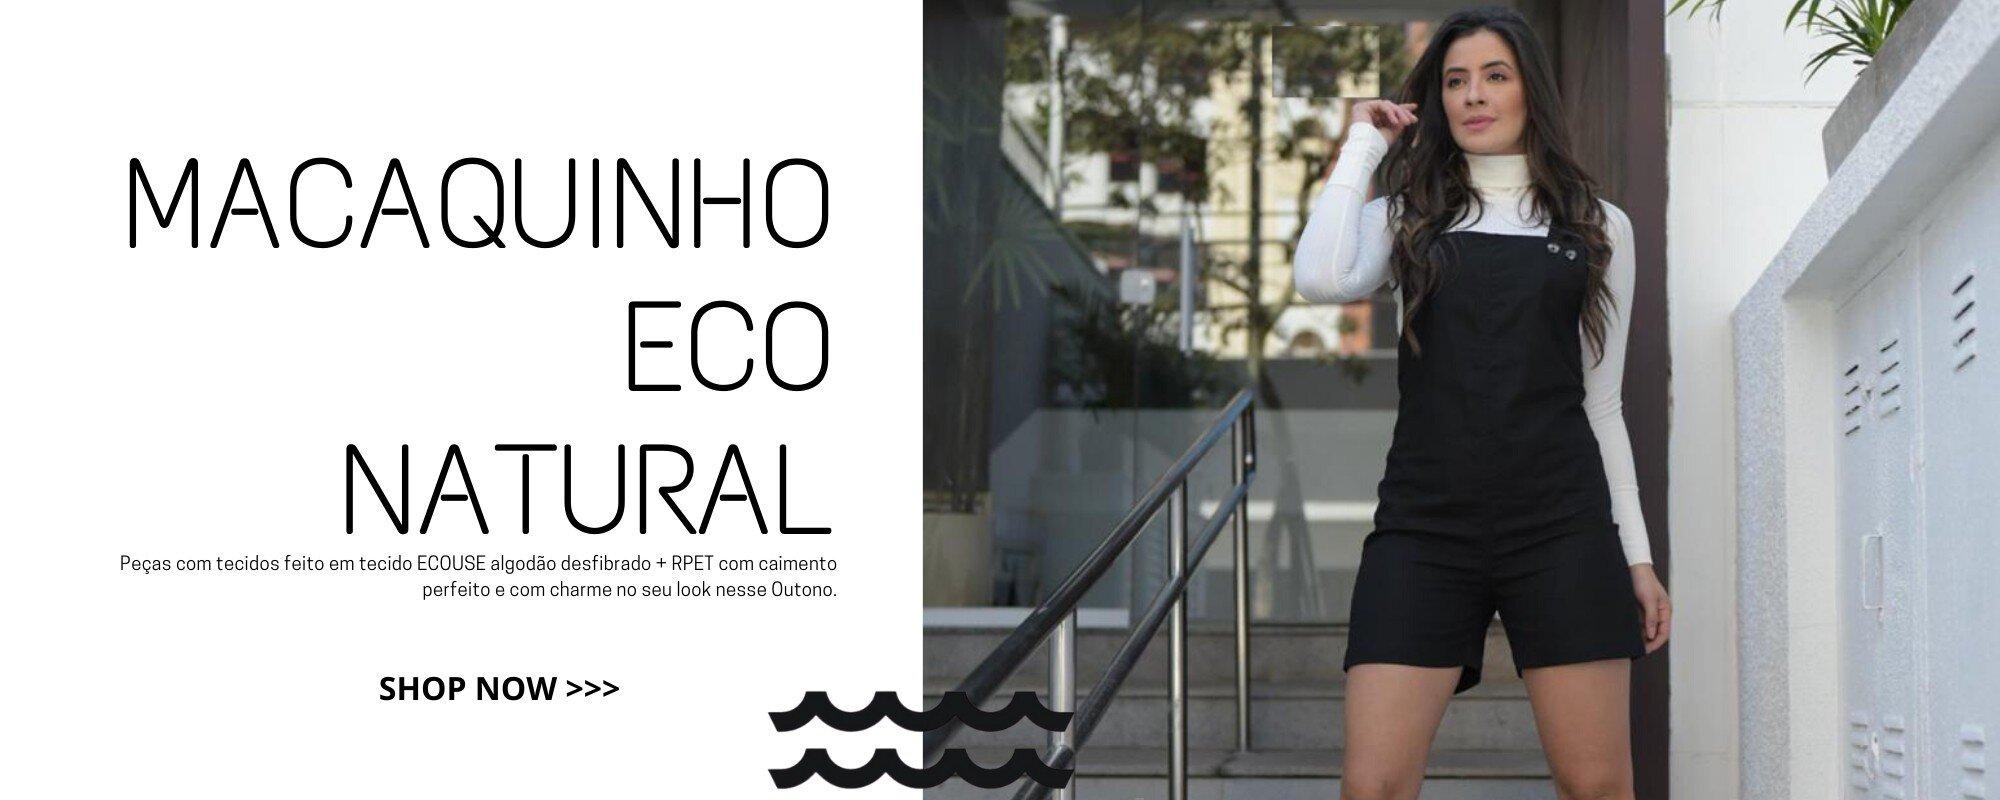 Banner Macaquinho Eco